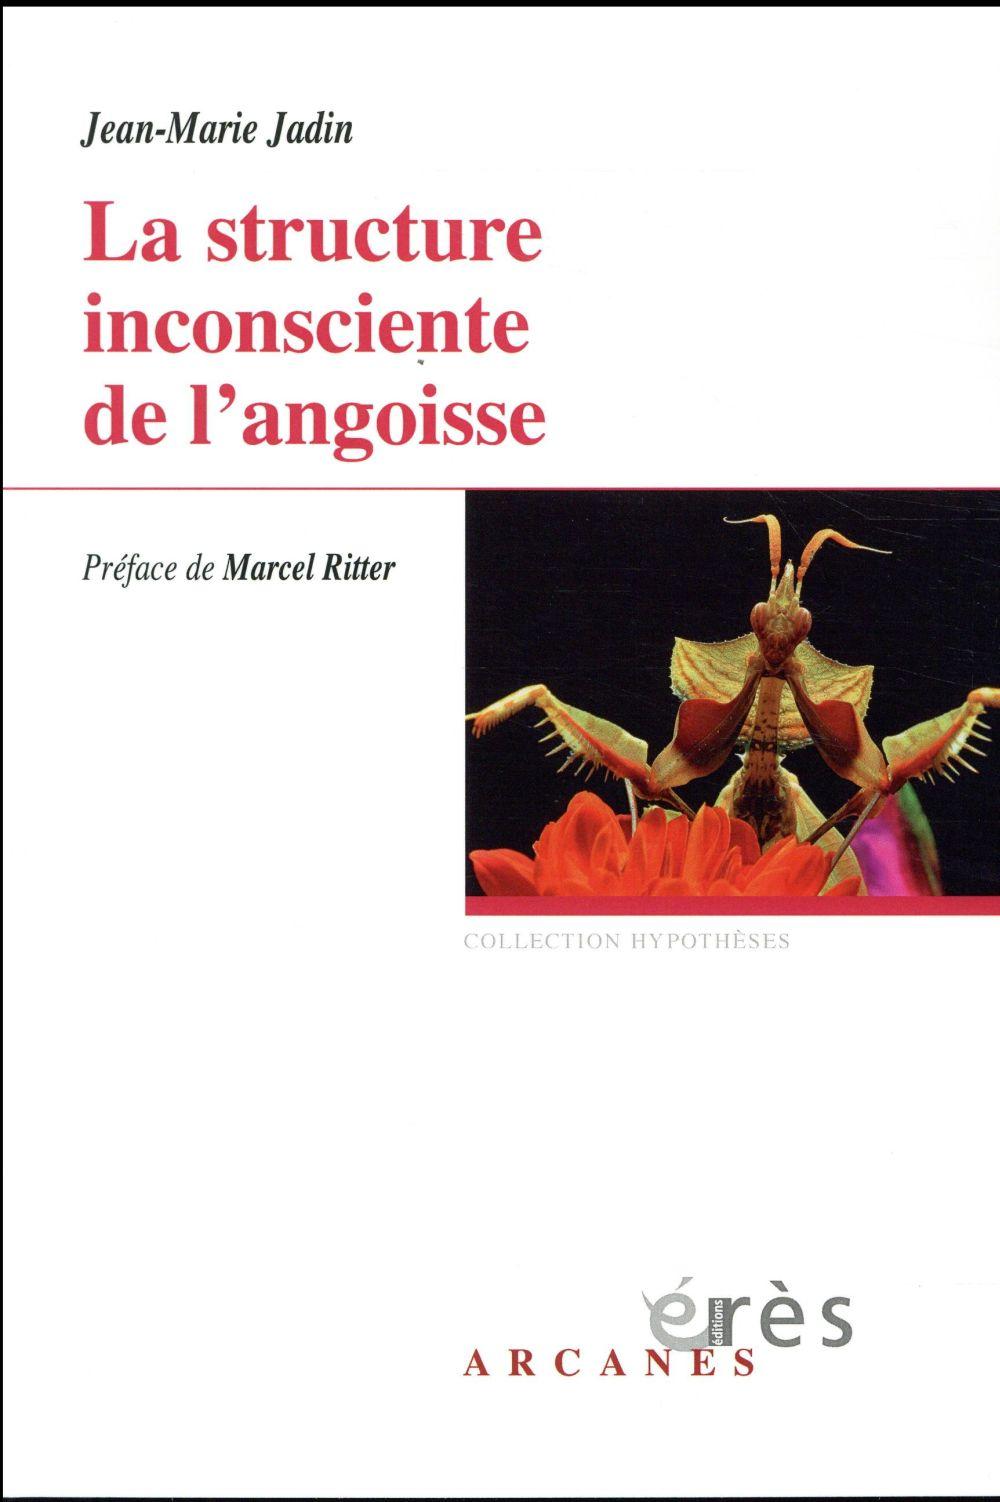 LA STRUCTURE INCONSCIENTE DE L JADIN JEAN-MARIE ERES